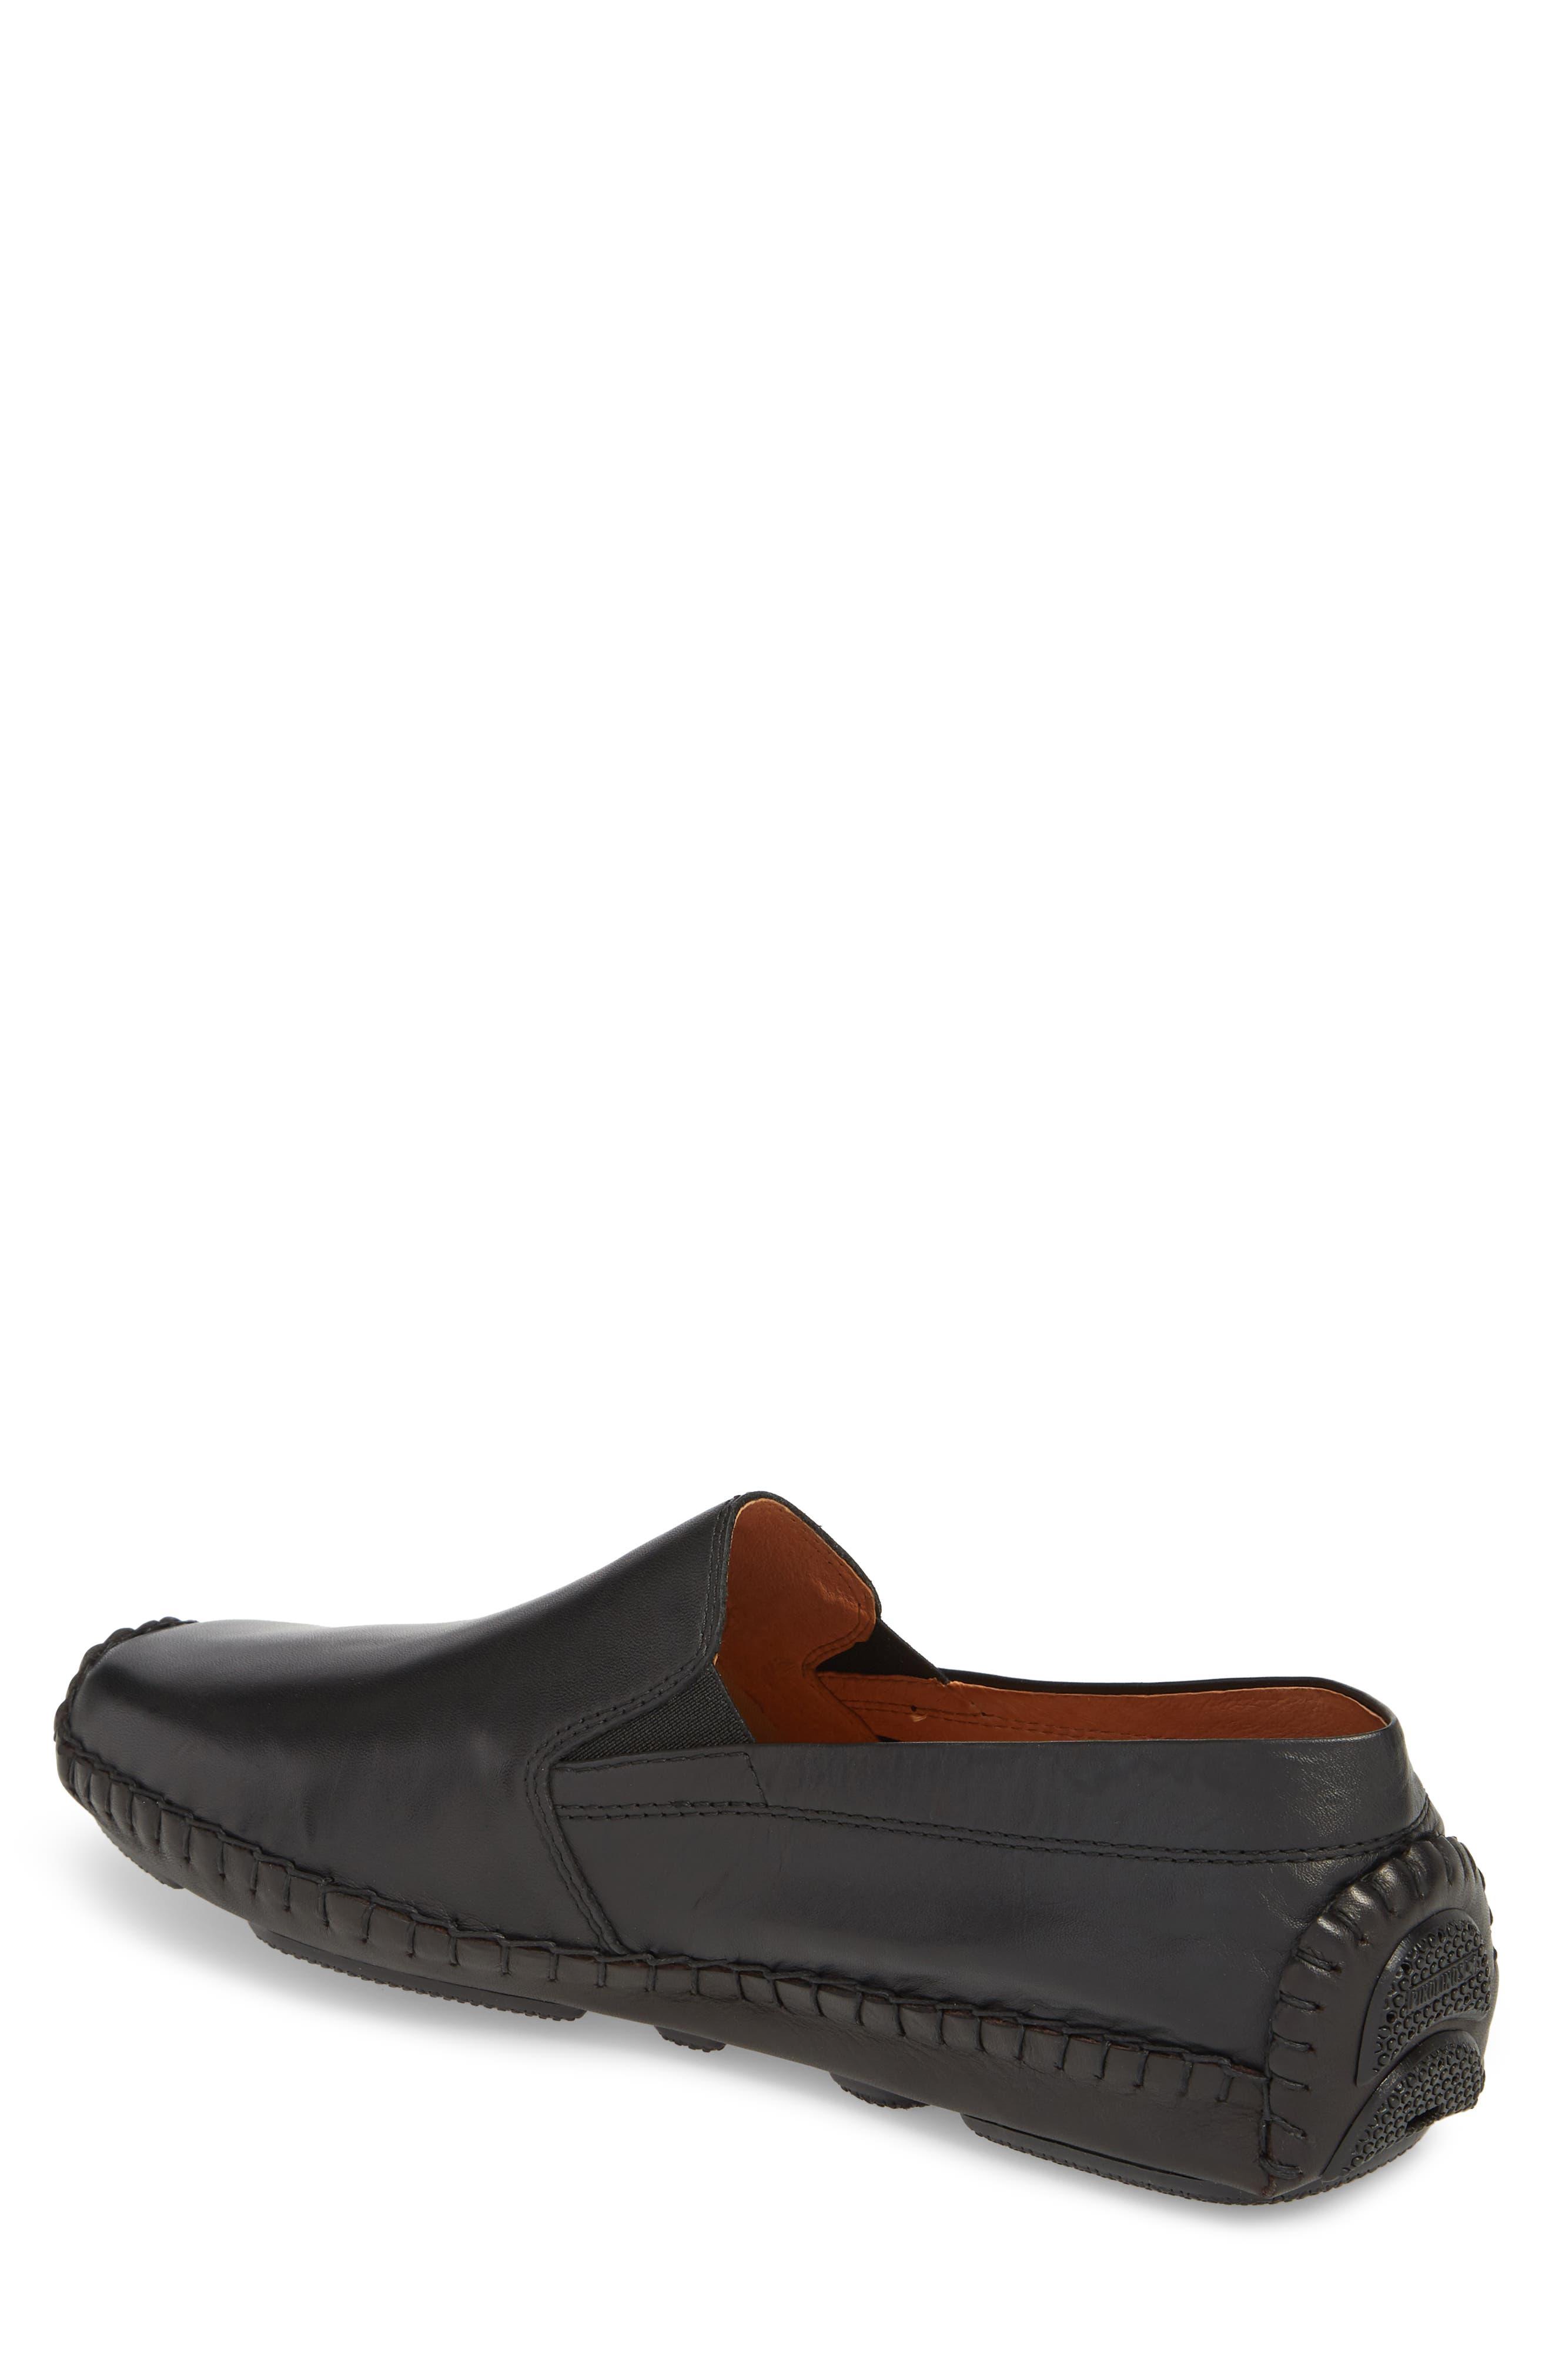 Jerez Driving Shoe,                             Alternate thumbnail 2, color,                             BLACK LEATHER